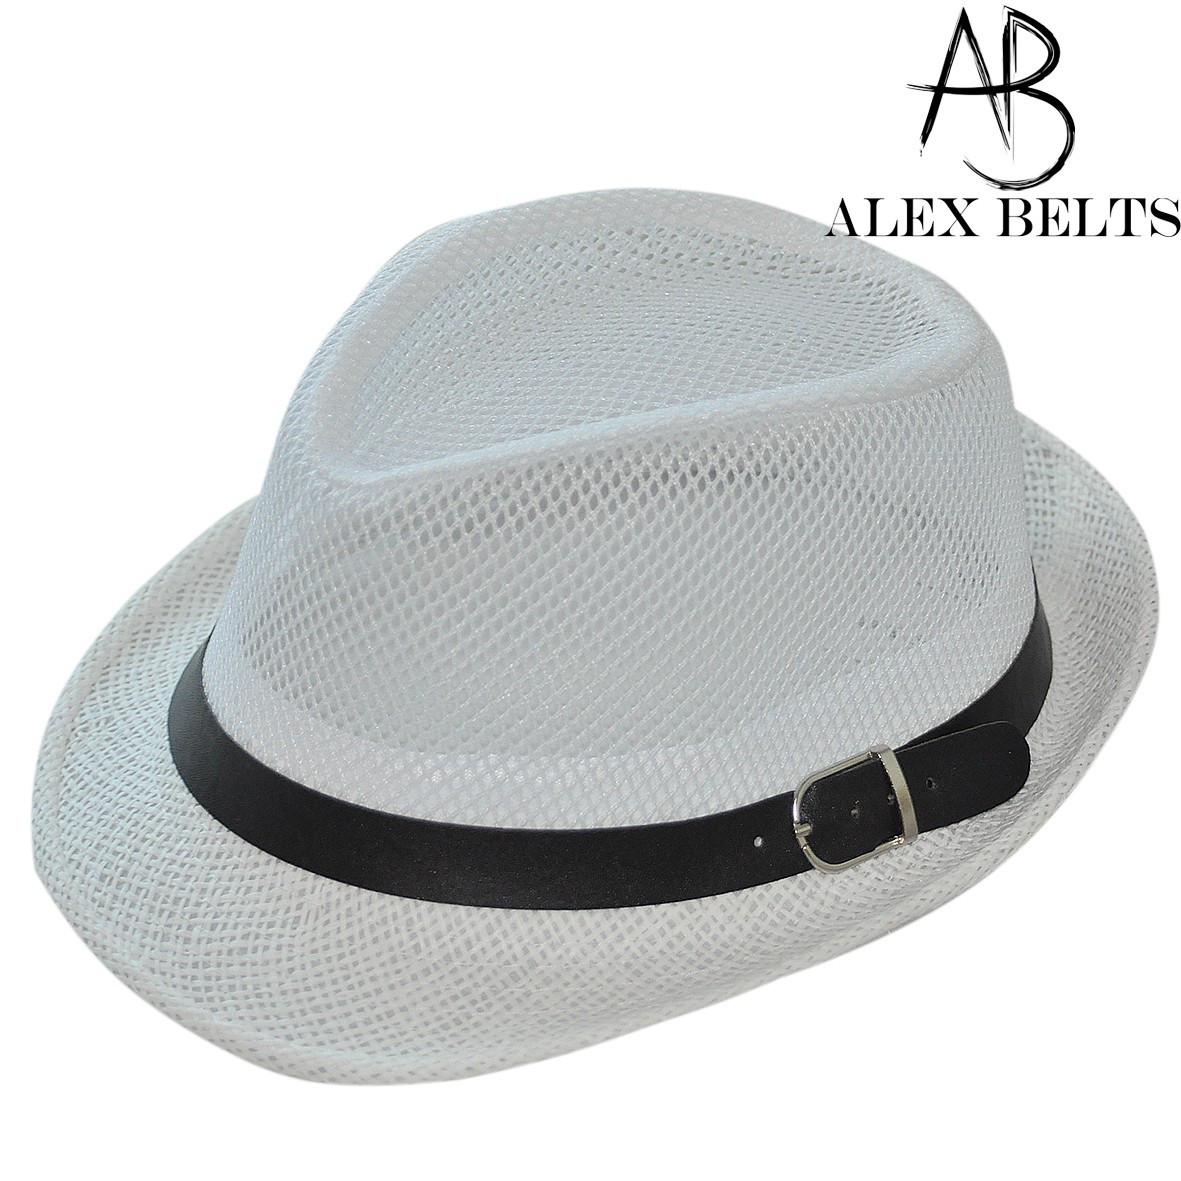 Шляпа соломенная, сетка взрослая (белая) с ремешком унисекс р.56-60см-купить оптом в Одессе